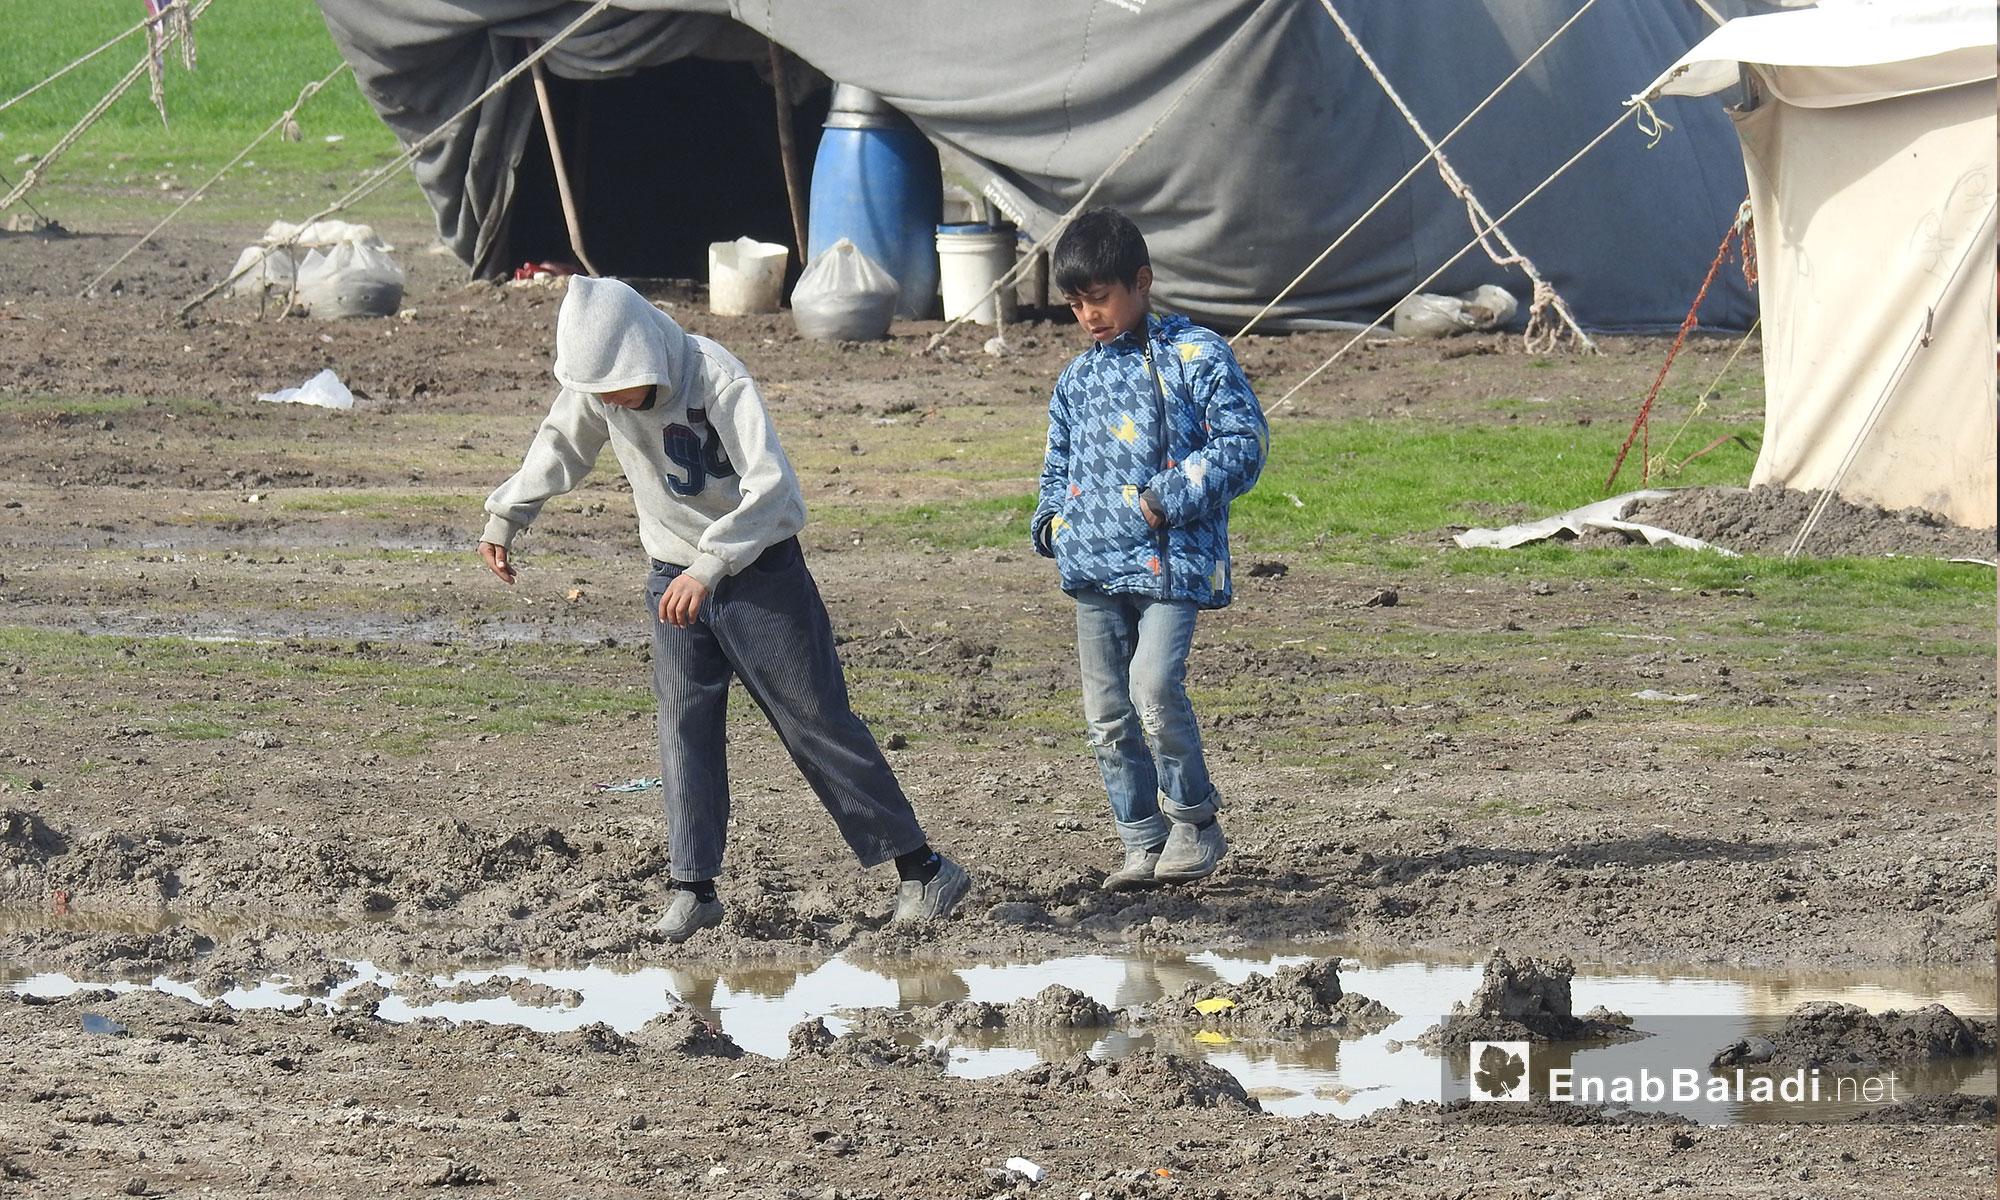 طفلان يلعبان في مخيم المرج بريف حلب الشمالي - 19 شباط 2018 (عنب بلدي)